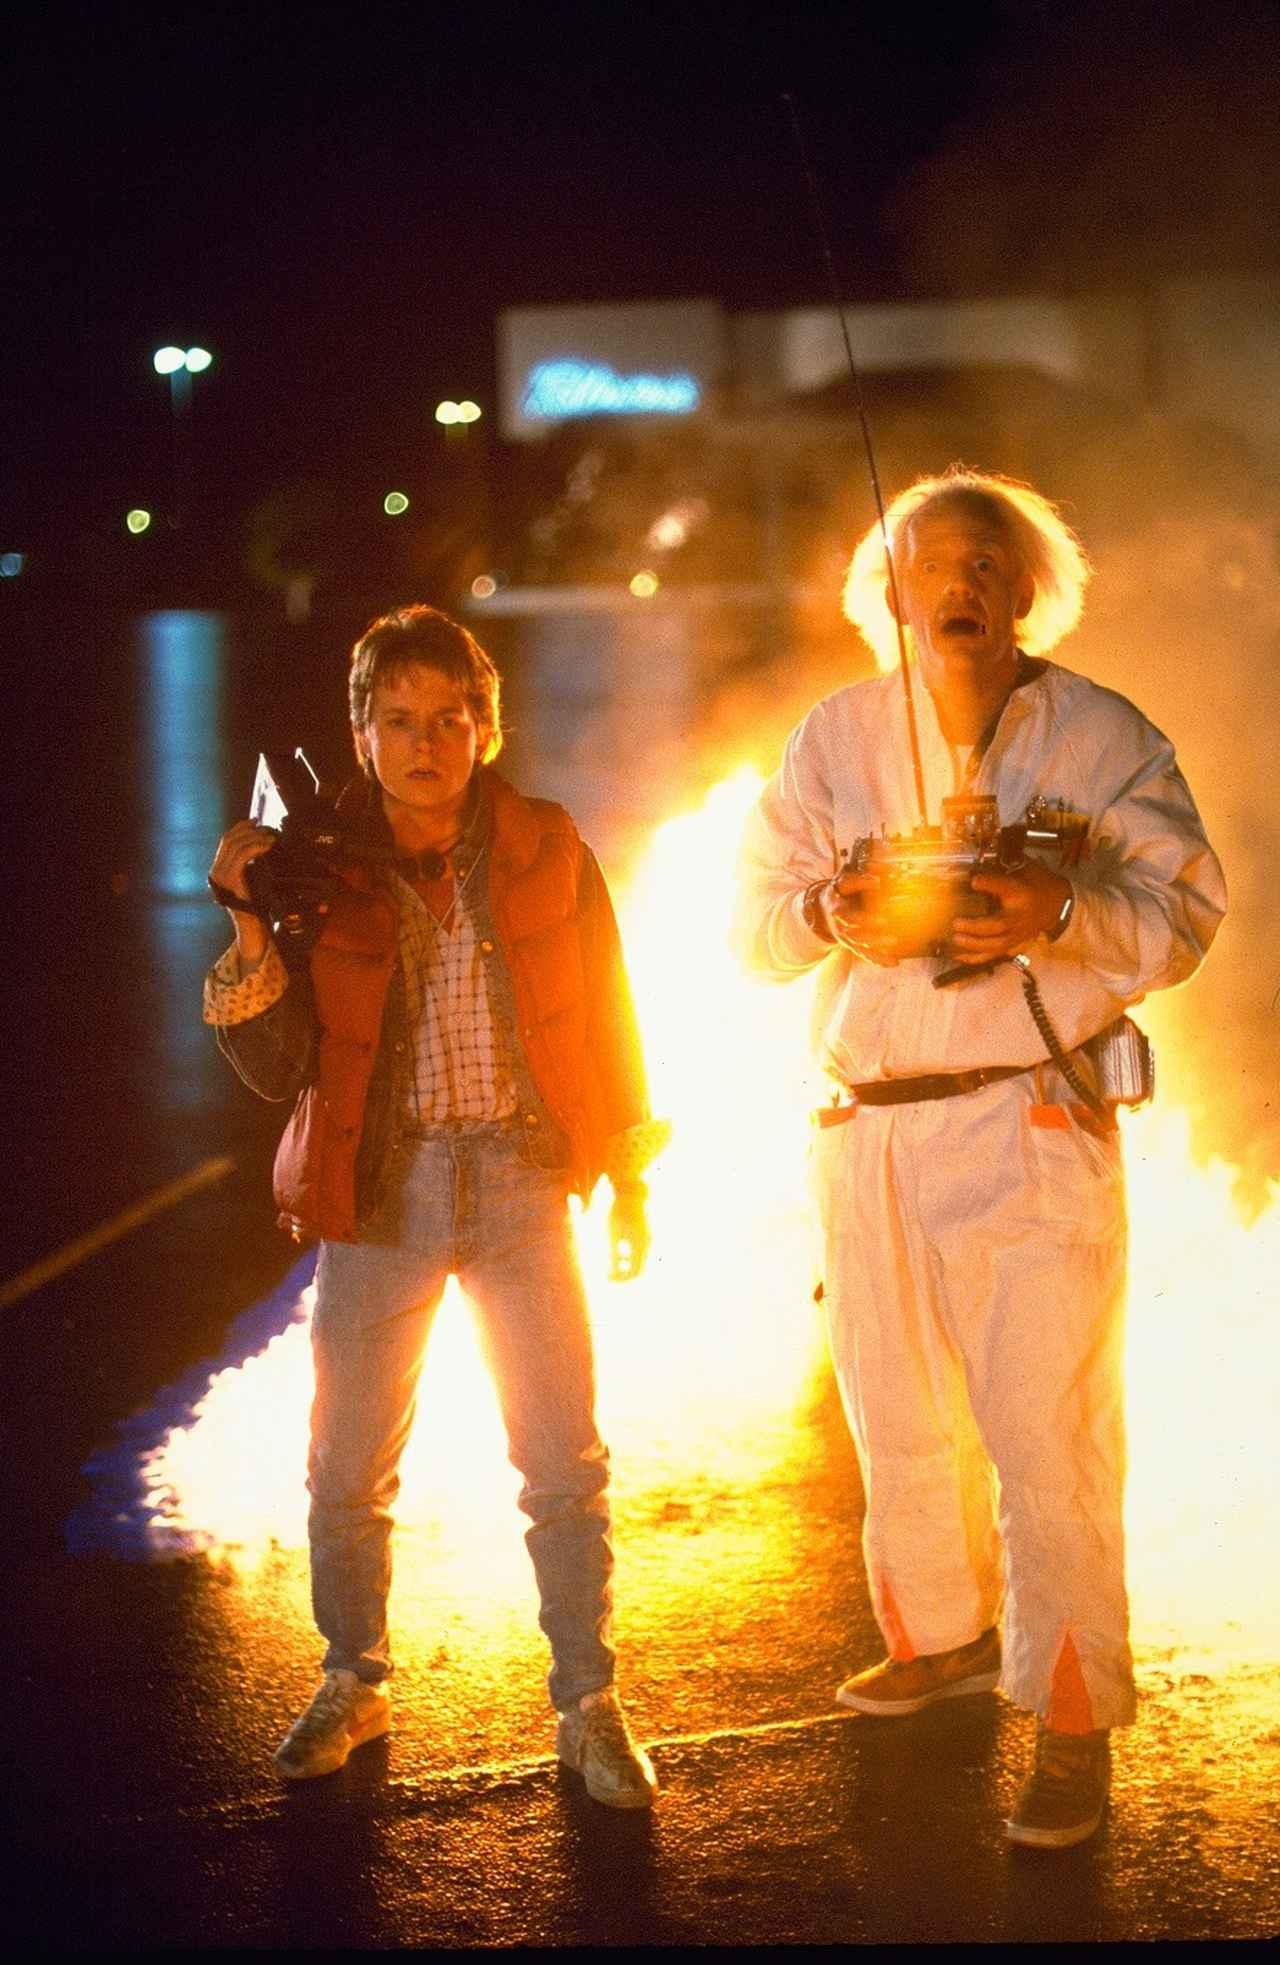 画像2: (C)1985 Universal City Studios, Inc. All Rights Reserved.